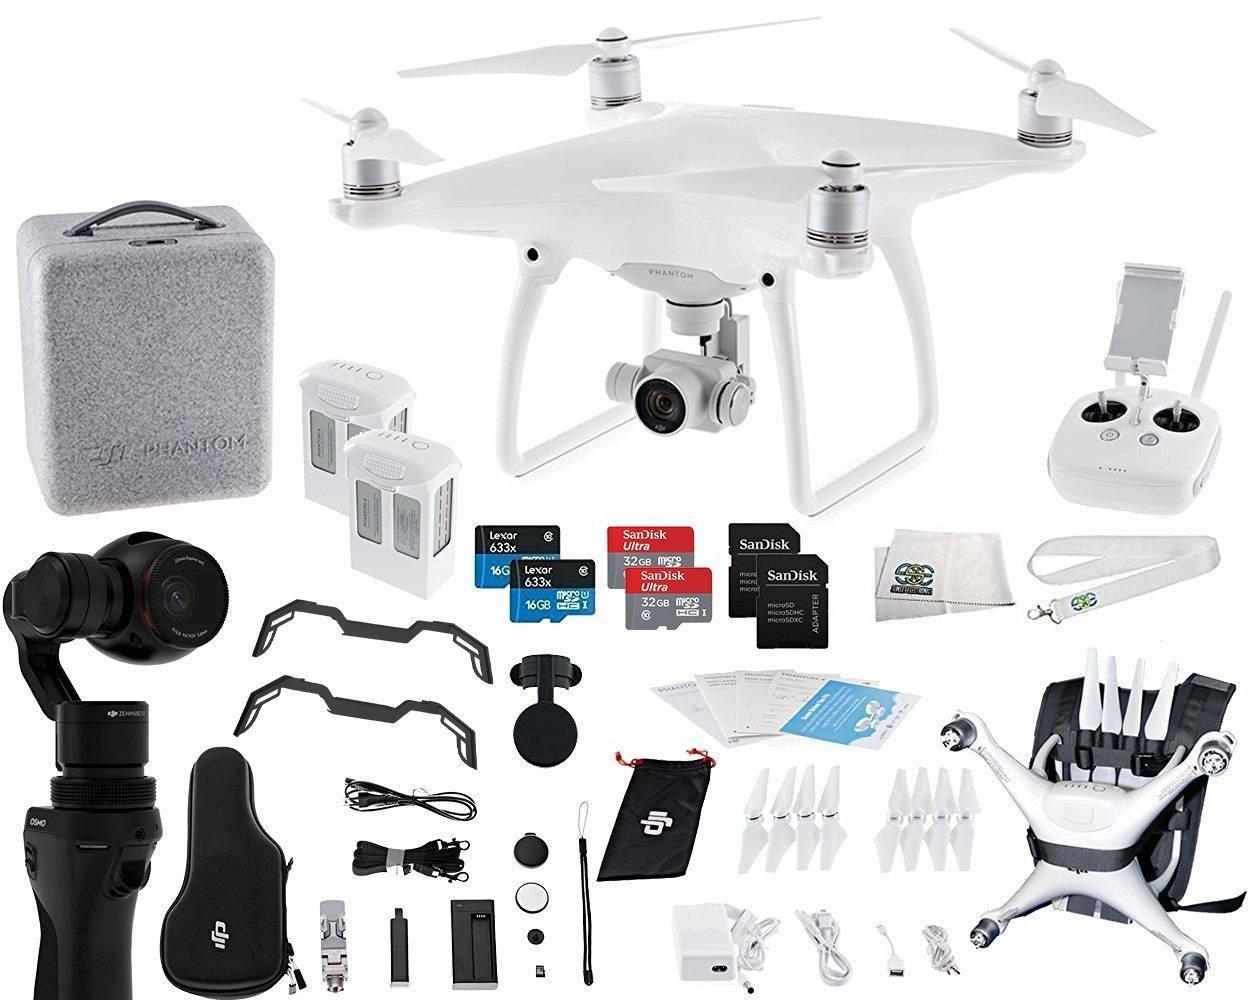 DJI Phantom 4 Quadcopter + Osmo Videographer Essential Travel Bundle